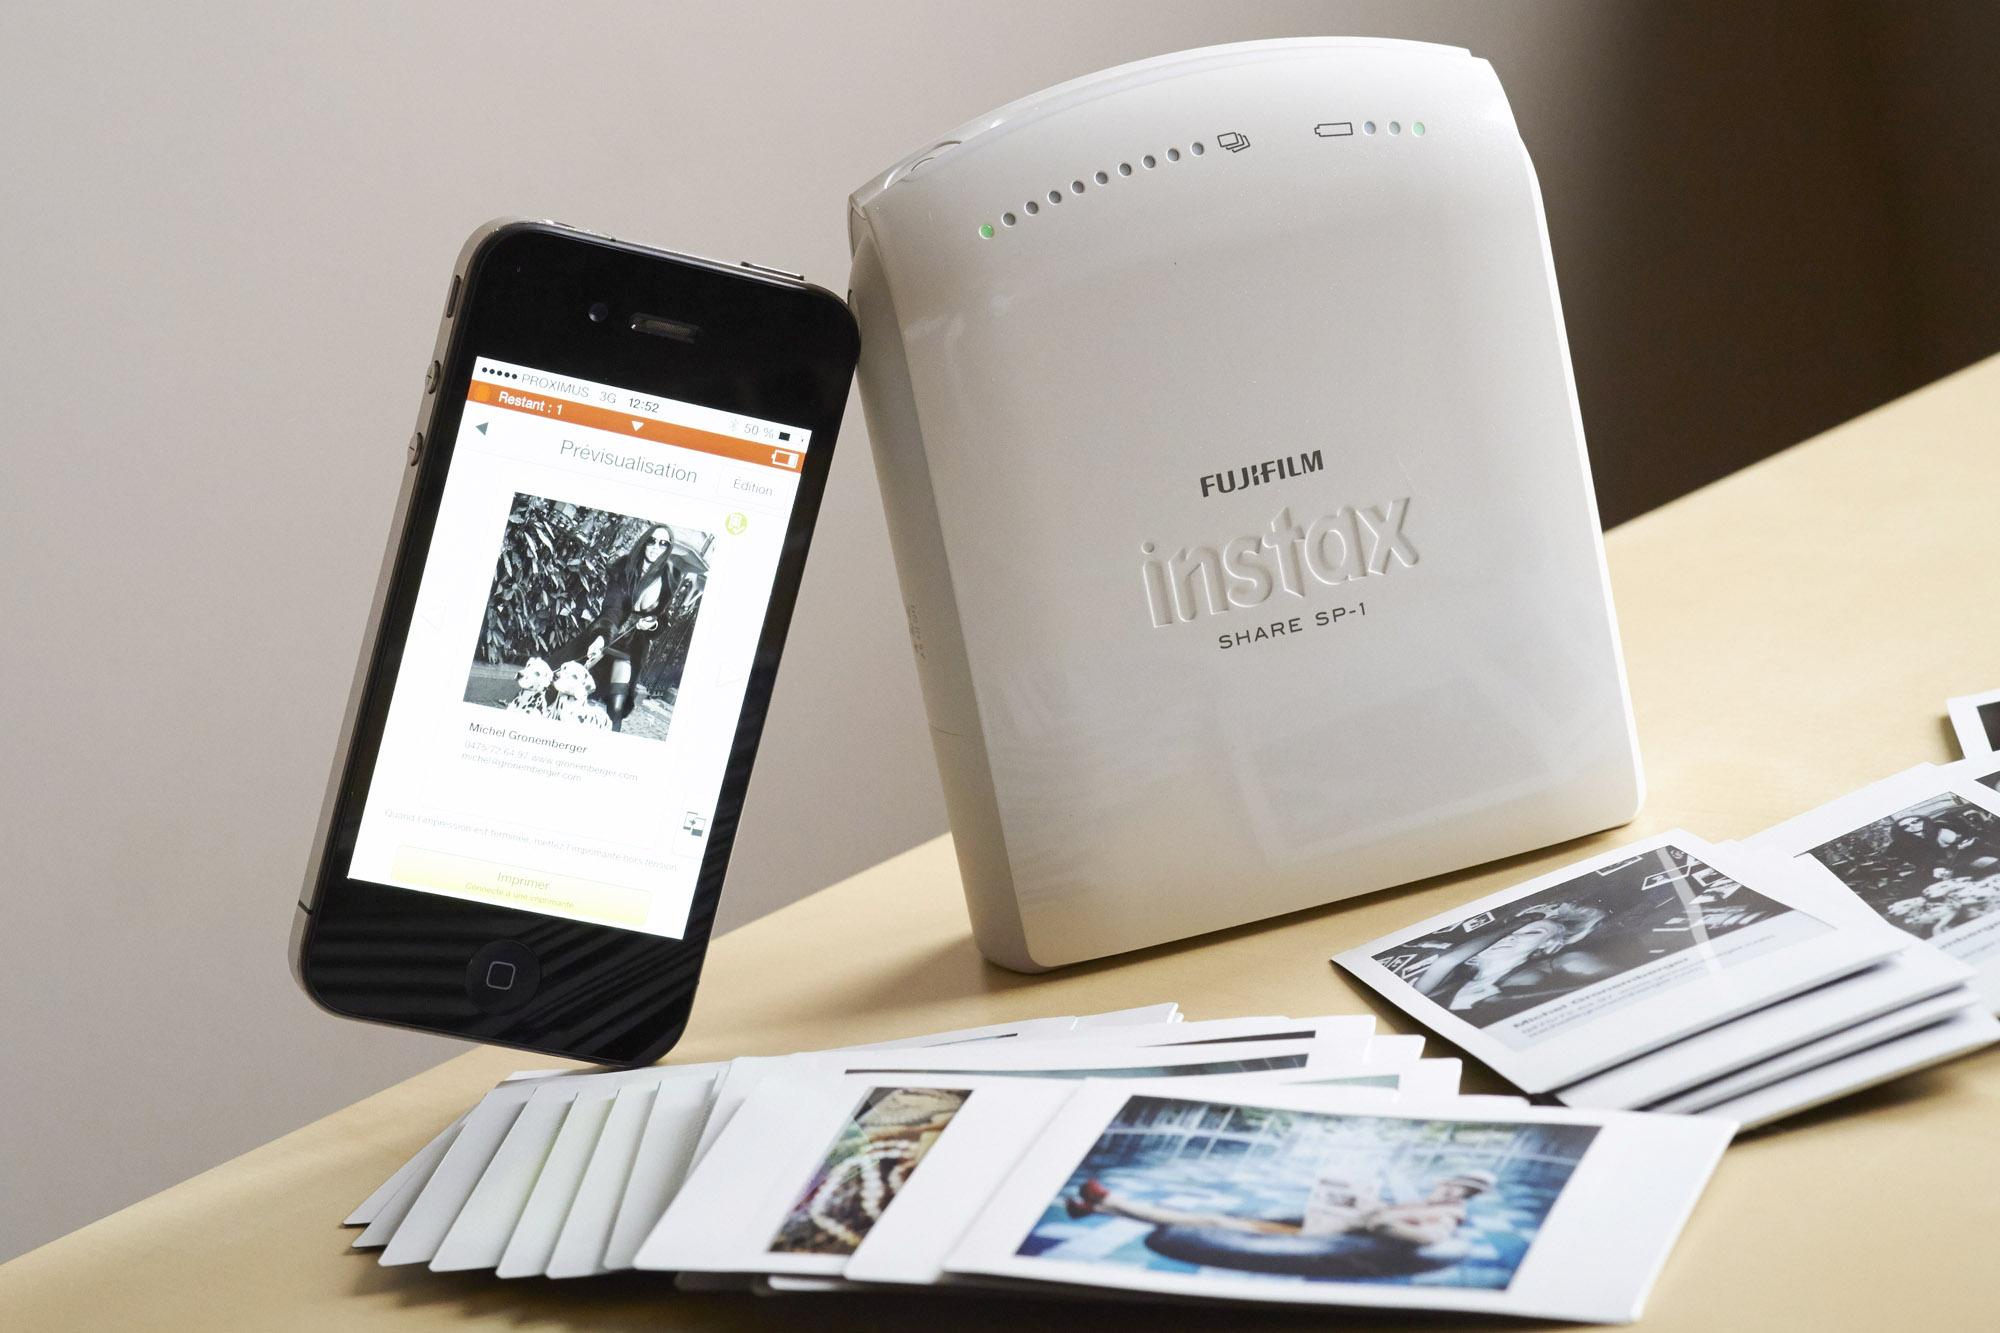 LInstax Share De Fujifilm Pour Faire Des Photos Instantanes Avec Son IPhone Et L